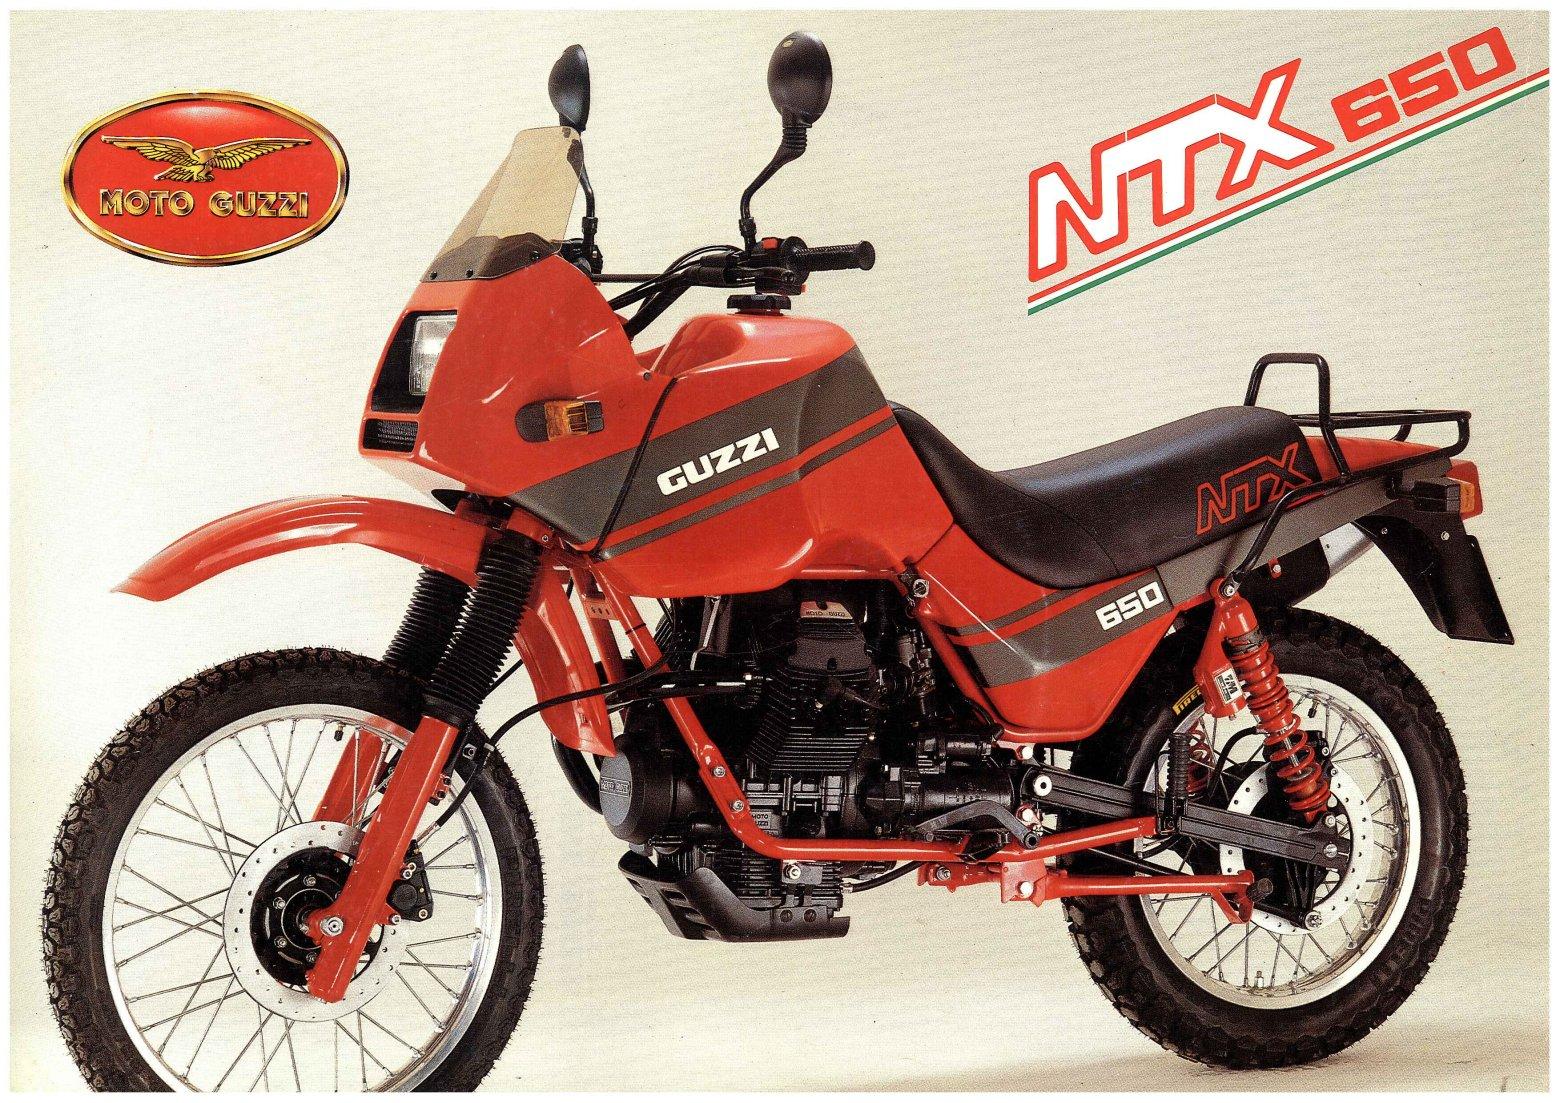 Moto Guzzi NTX 650 Enduro